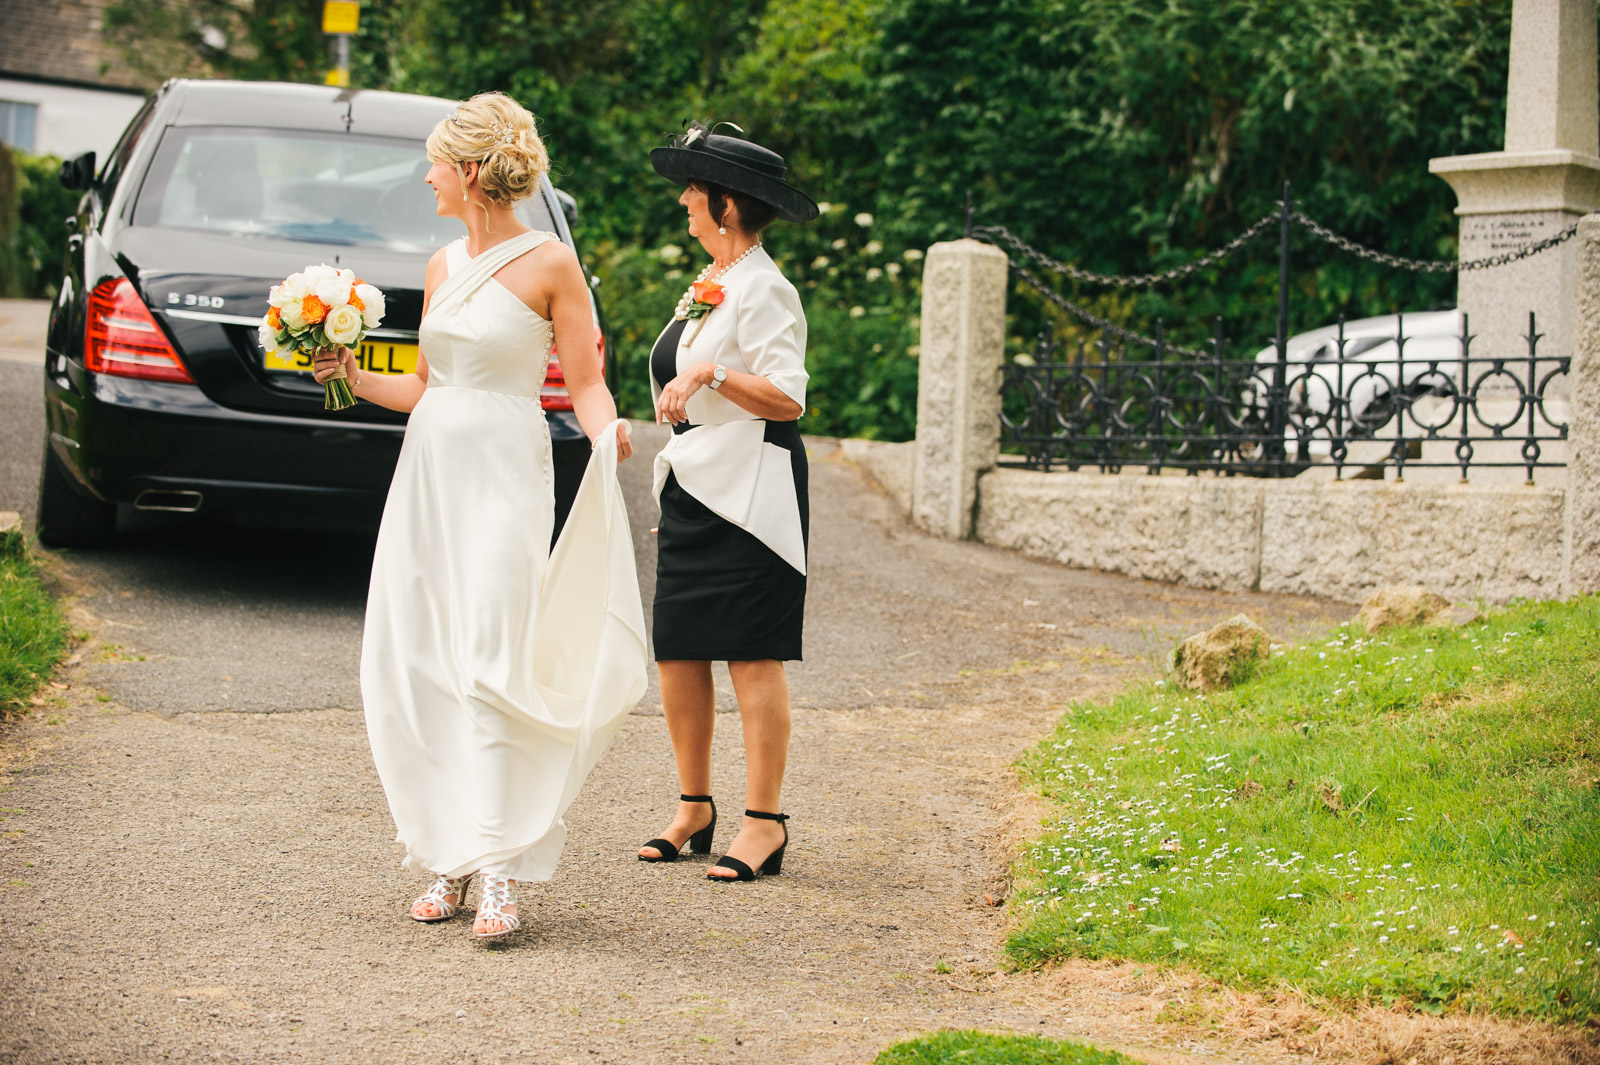 mylor-church-wedding-28.jpg